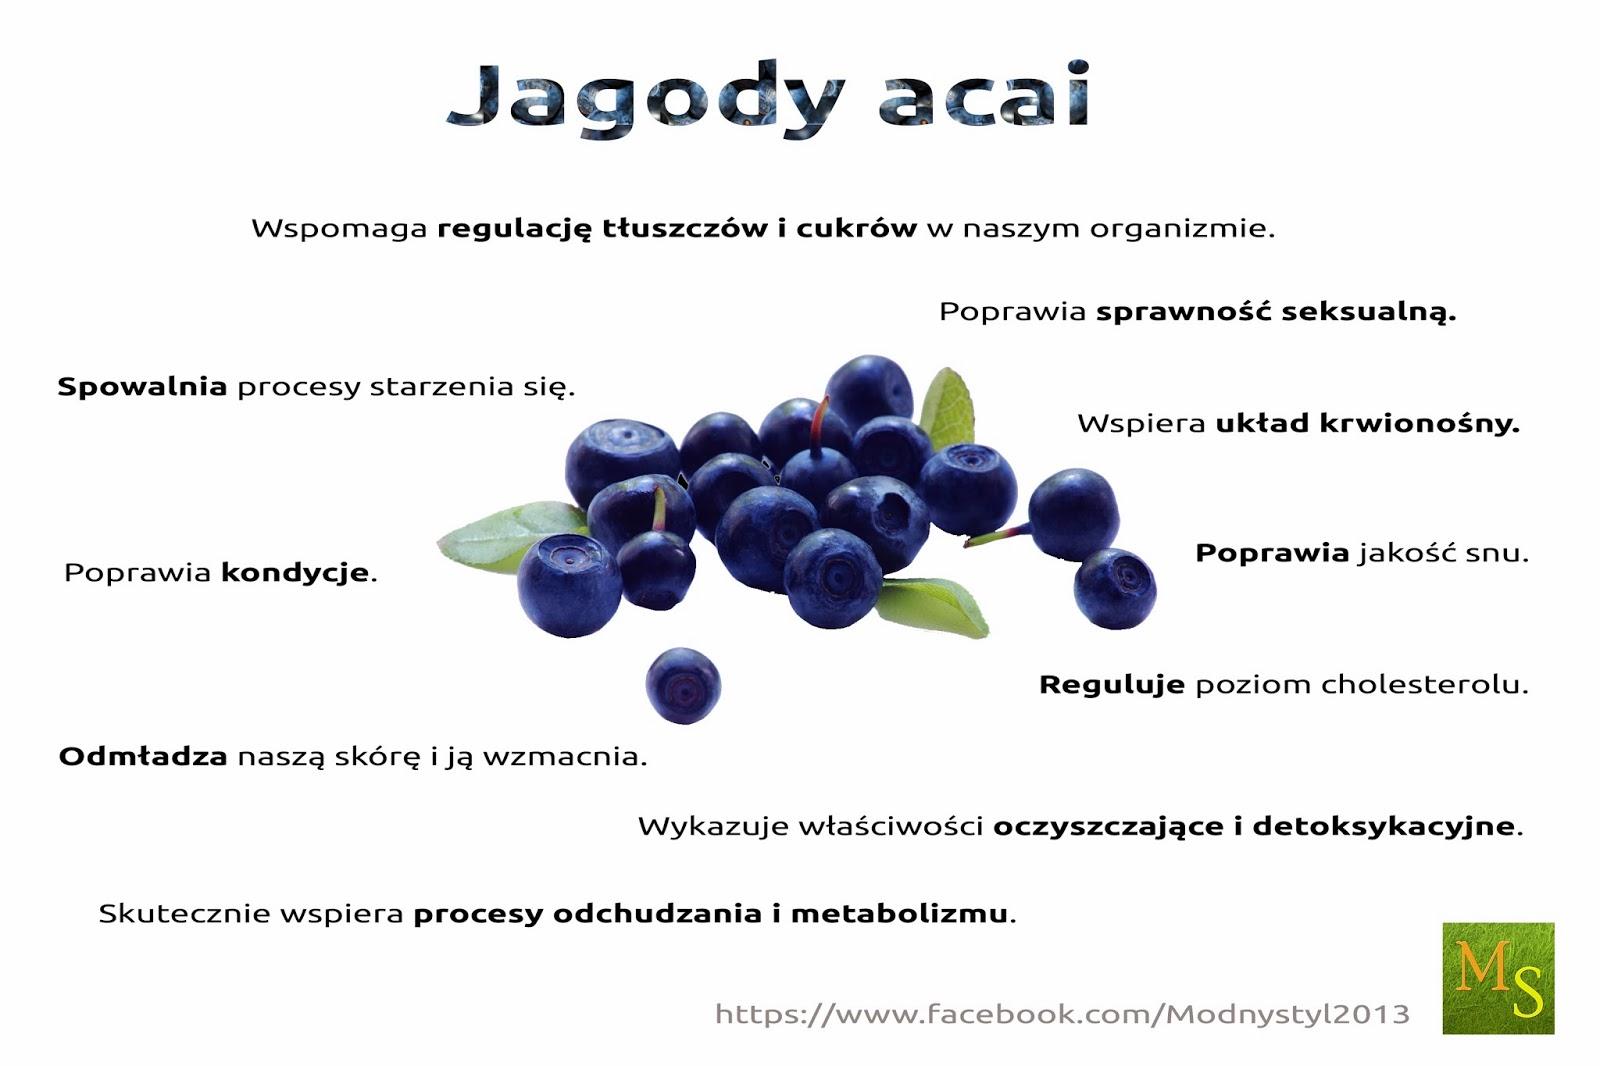 Jagody Acai i ich lecznicze właściwości!